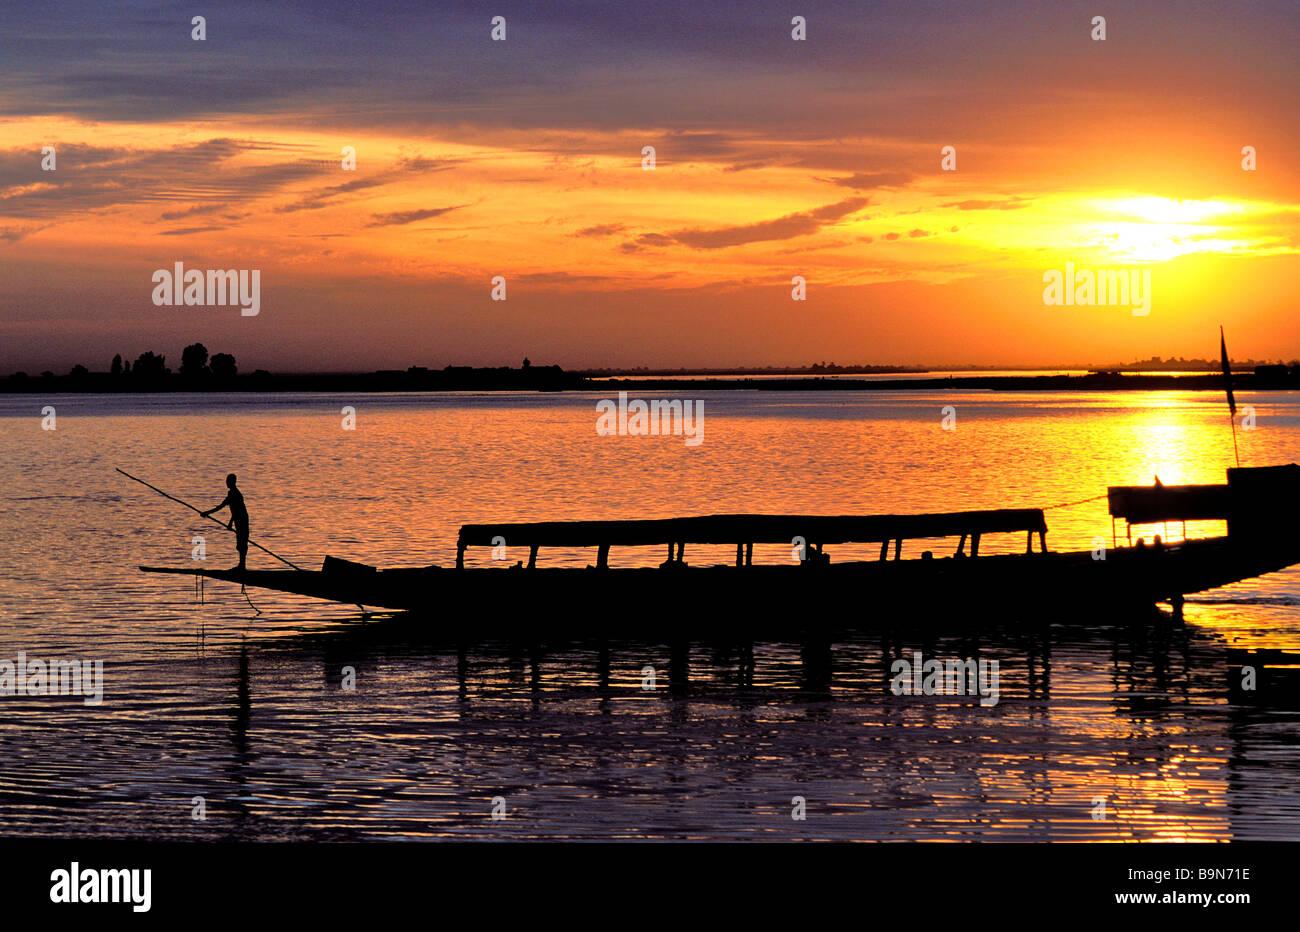 Malí, región de Mopti, Mopti, Río Níger Foto de stock